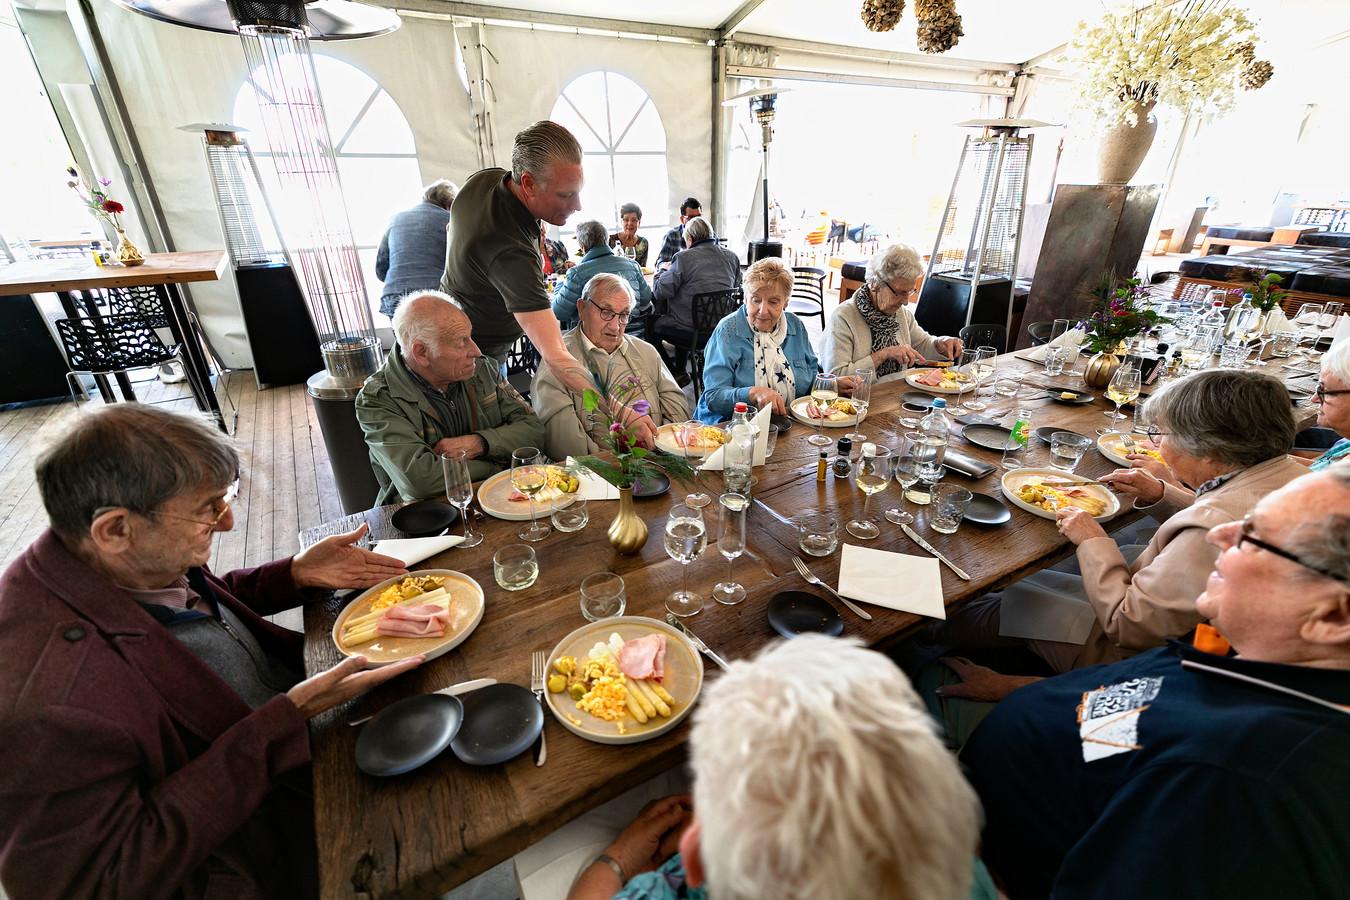 Asperges Op de Velden in Veldhoven in 2019 waar kwetsbare ouderen van hun maaltijd genieten